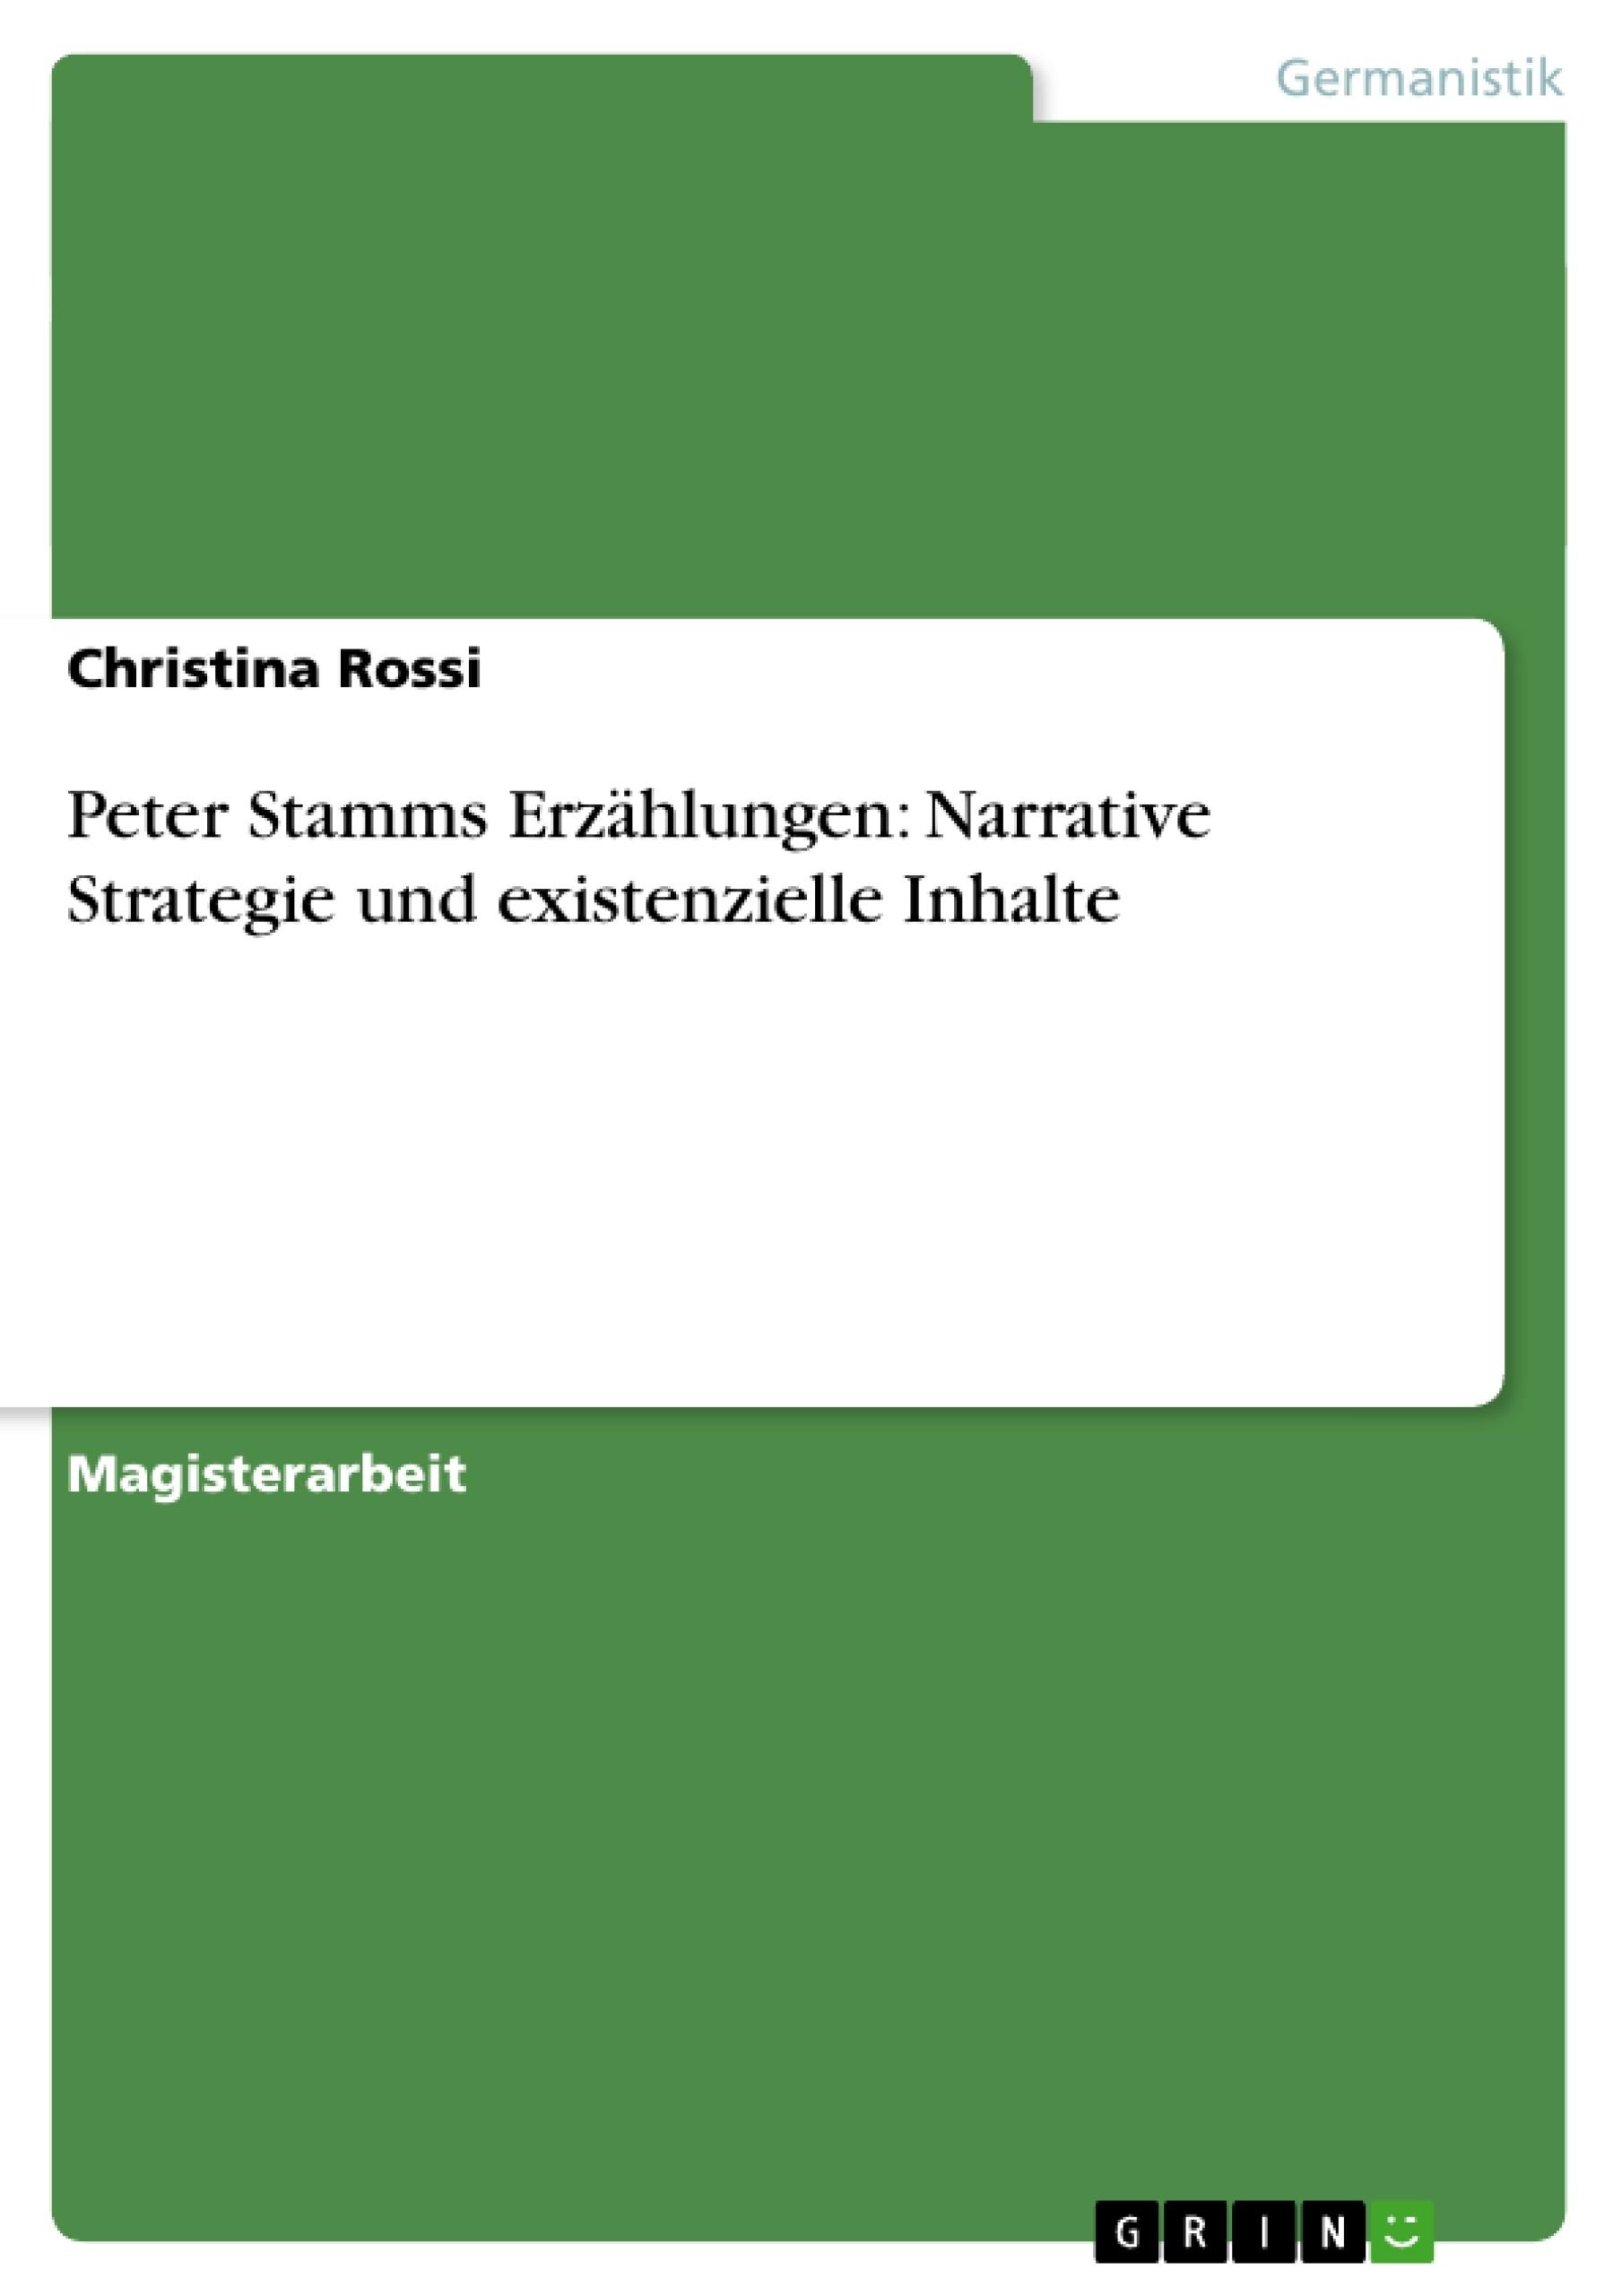 Titel: Peter Stamms Erzählungen: Narrative Strategie und existenzielle Inhalte